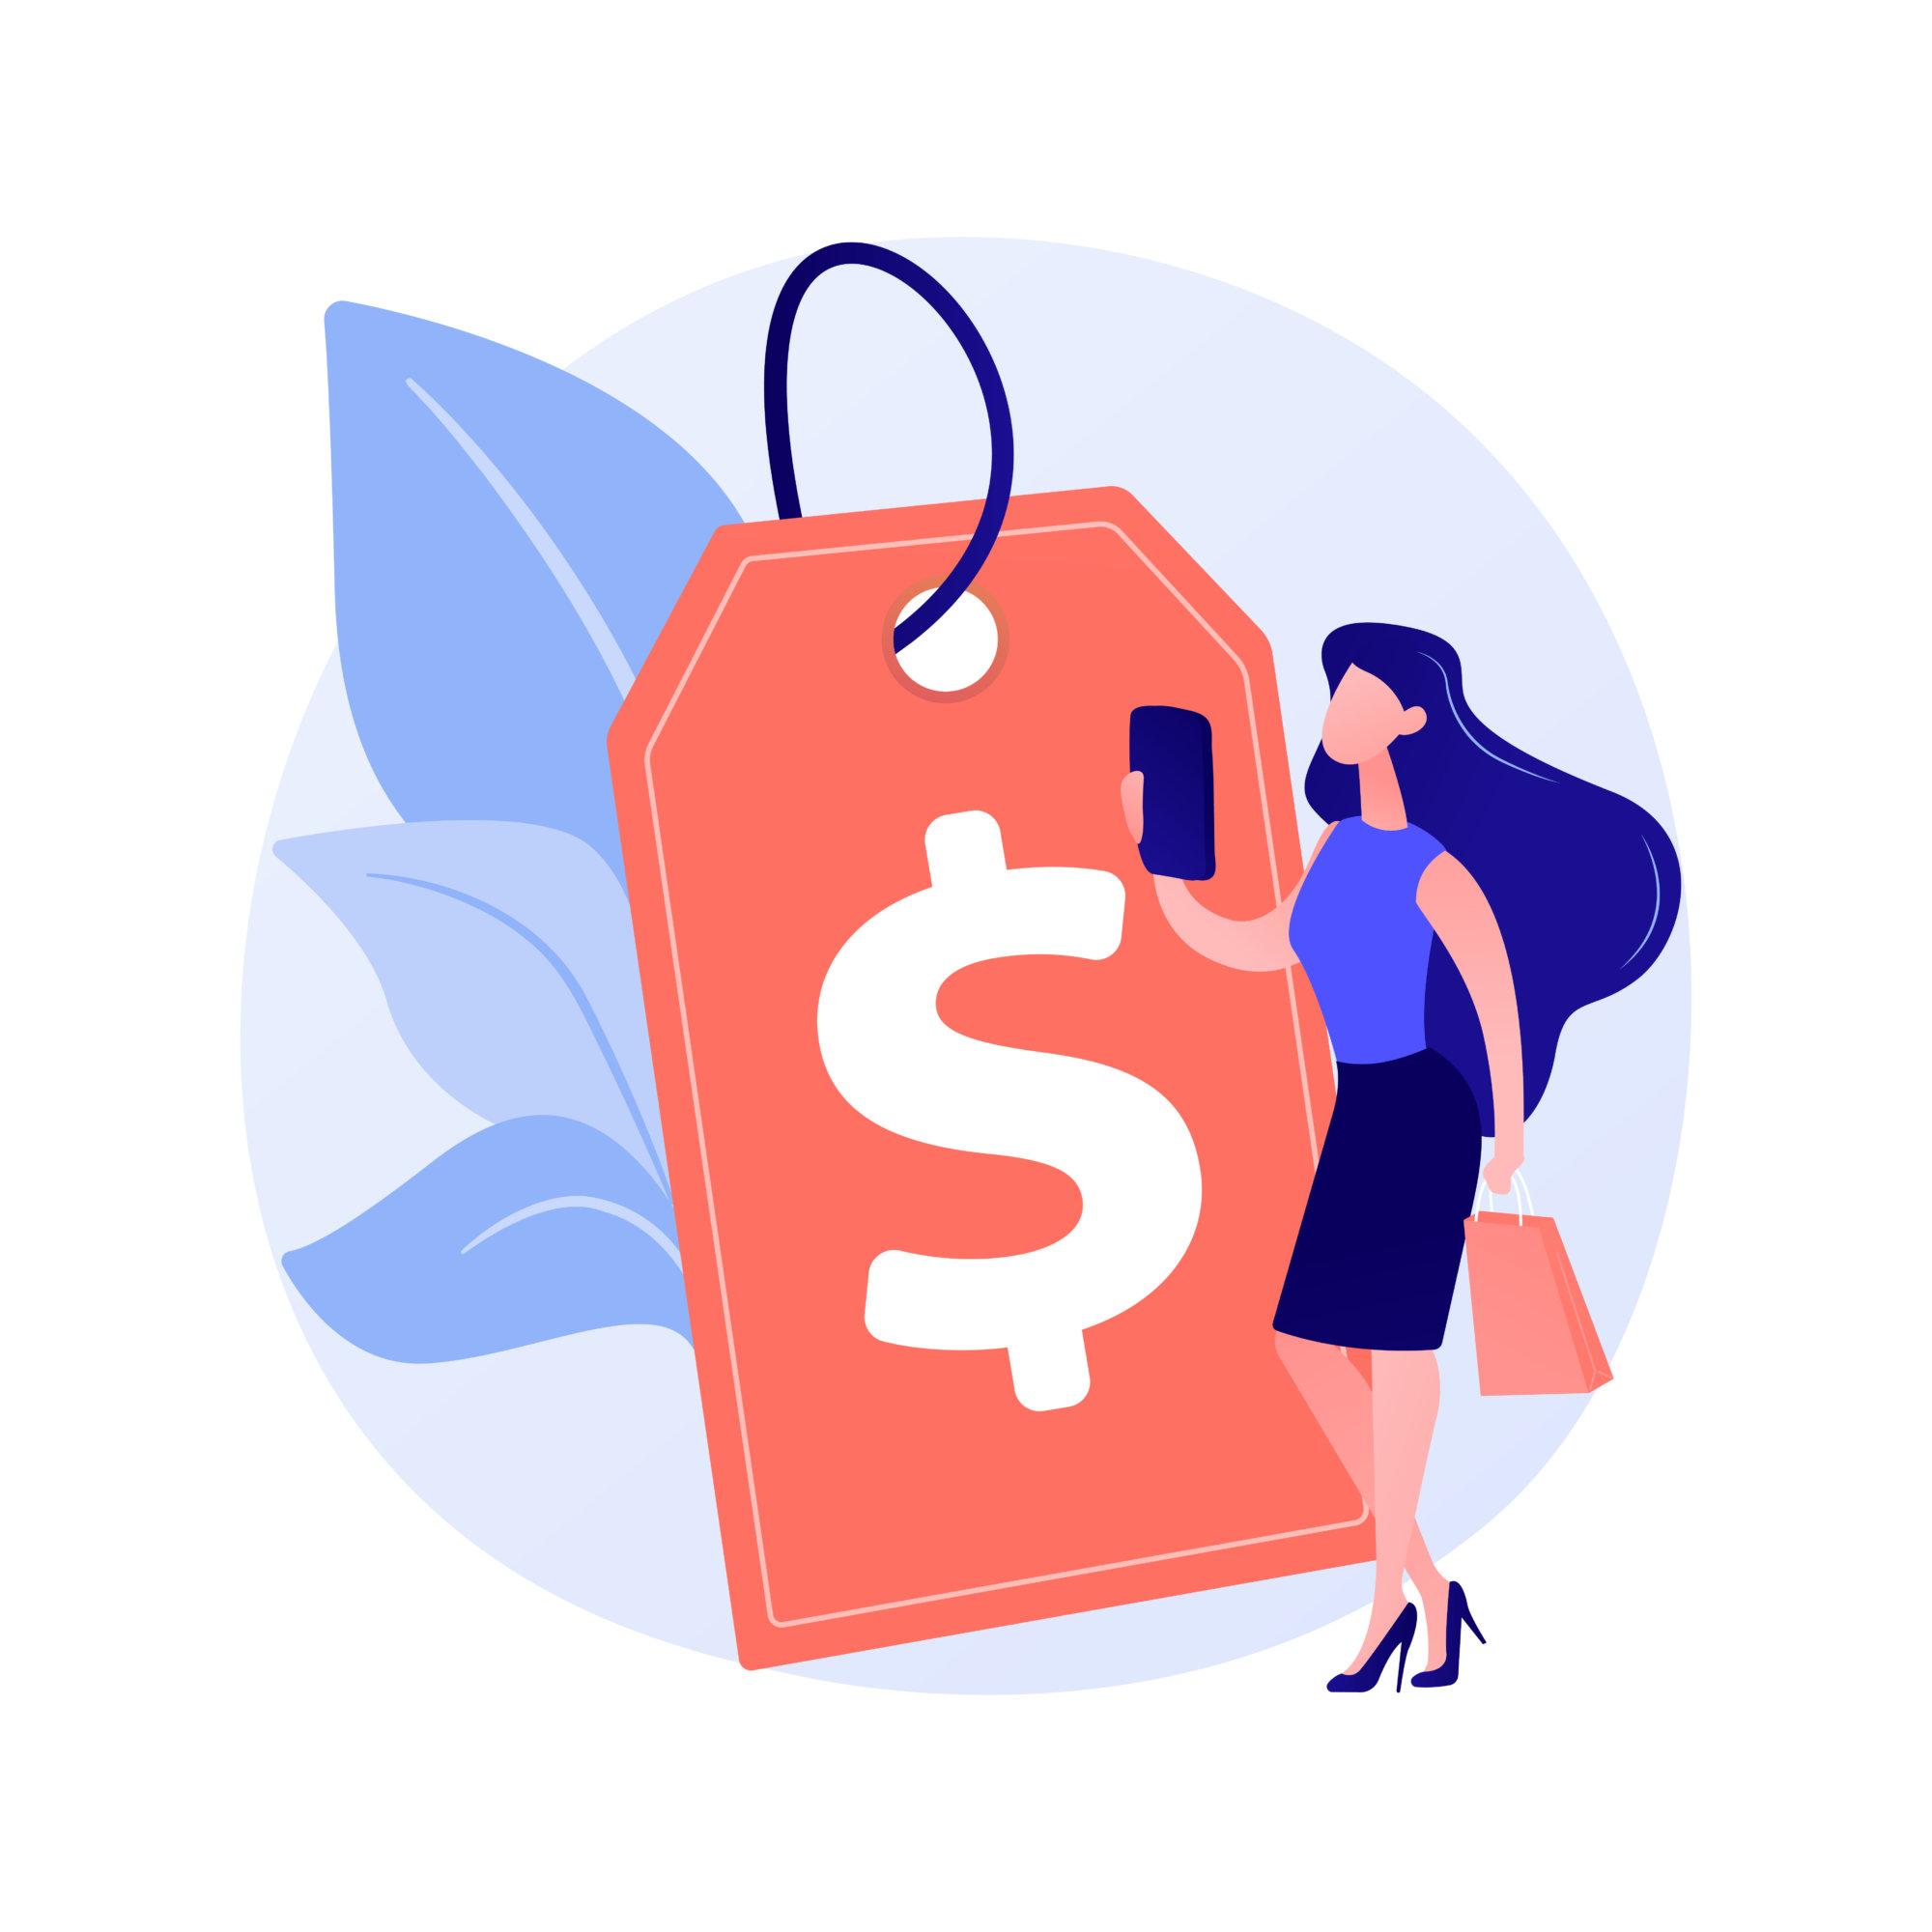 O que é elasticidade-preço da demanda e como calcular?